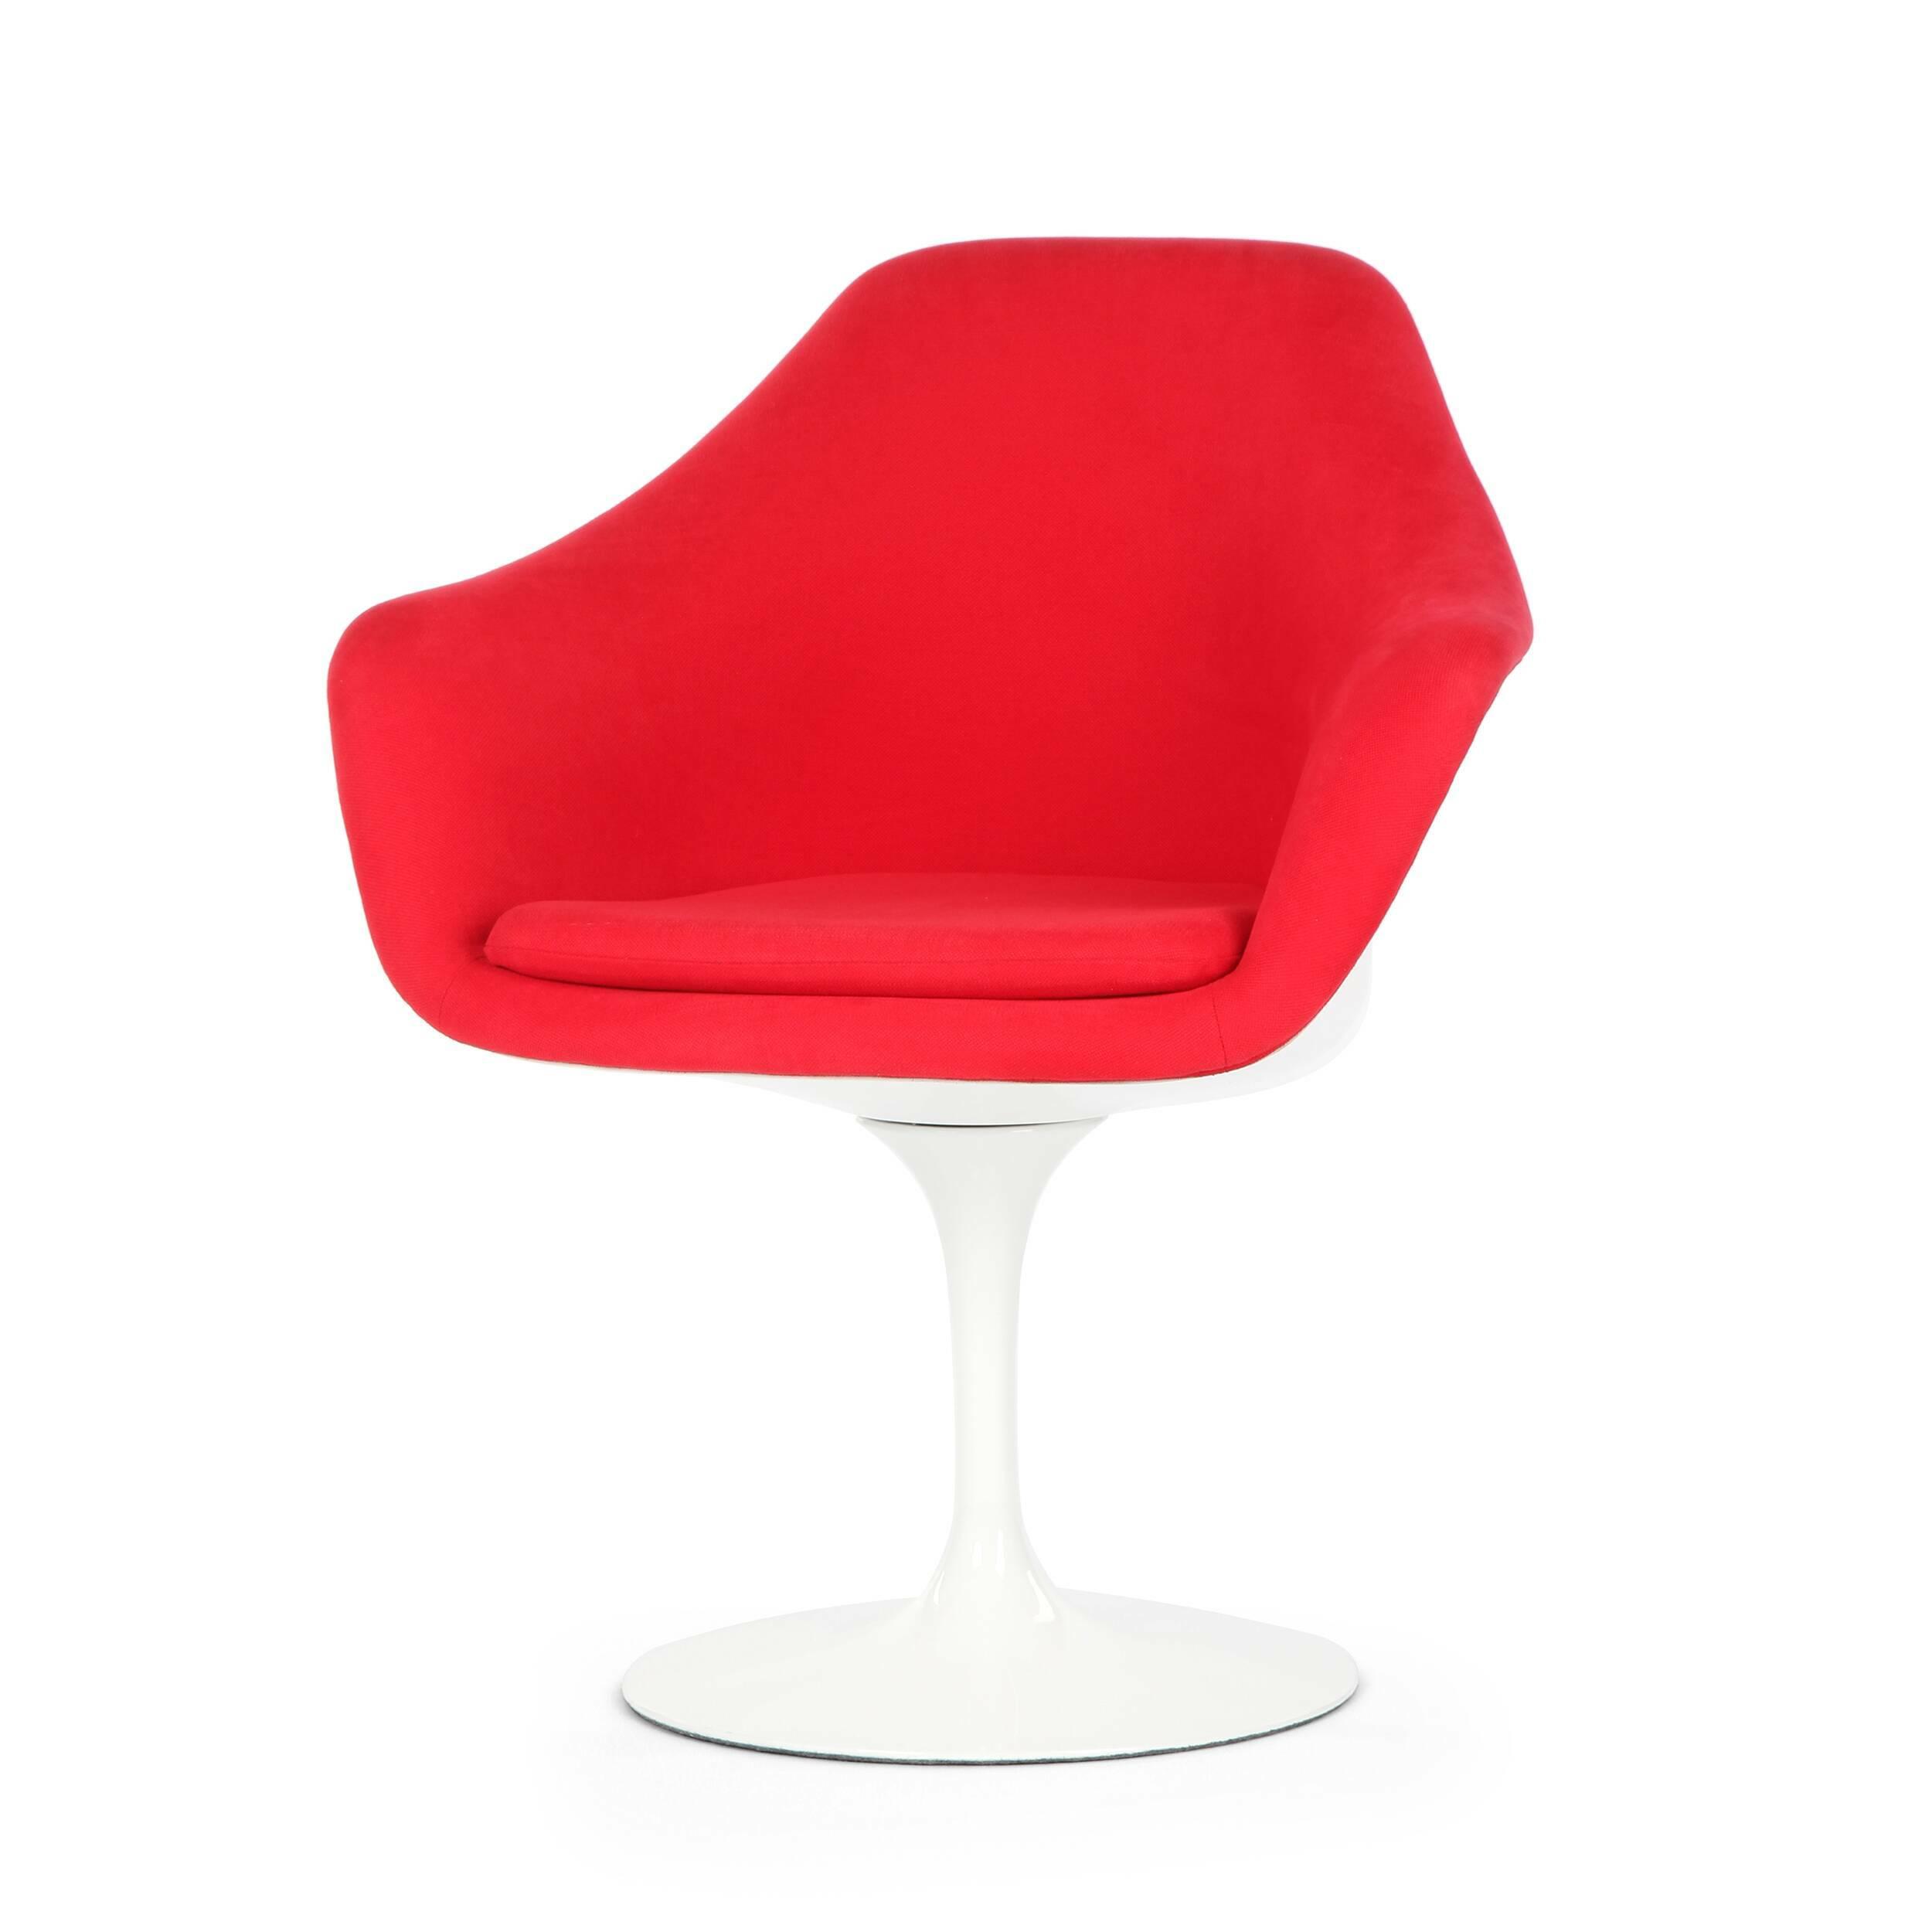 Cтул Tulip с подлокотниками и обитой спинкойИнтерьерные<br>Дизайнерский яркий мягкий интерьерный стул Tulip (ТУлип) с подлокотниками и обитой спинкой на глянцевой ножке от Cosmo (Космо).<br><br>     Свои основные идеи финн Ээро Сааринен черпал в аскетичном подходе к дизайну, воплощая их в наиболее эффективных конструкционных решениях. «Решение любой дизайнерской задачи нужно искать в следующей, более крупной вещи, — утверждал Сааринен. — Если загвоздка в стуле, мы должны смотреть на то, как он соотносится с комнатой». Именно в стуле Tulip Ээро воплотил с...<br><br>stock: 3<br>Высота: 82,5<br>Высота сиденья: 47<br>Ширина: 71<br>Глубина: 60<br>Цвет ножек: Белый глянец<br>Тип материала каркаса: Стекловолокно<br>Материал сидения: Хлопок, Лен<br>Цвет сидения: Красный<br>Тип материала сидения: Ткань<br>Коллекция ткани: Ray Fabric<br>Тип материала ножек: Алюминий<br>Цвет каркаса: Белый глянец